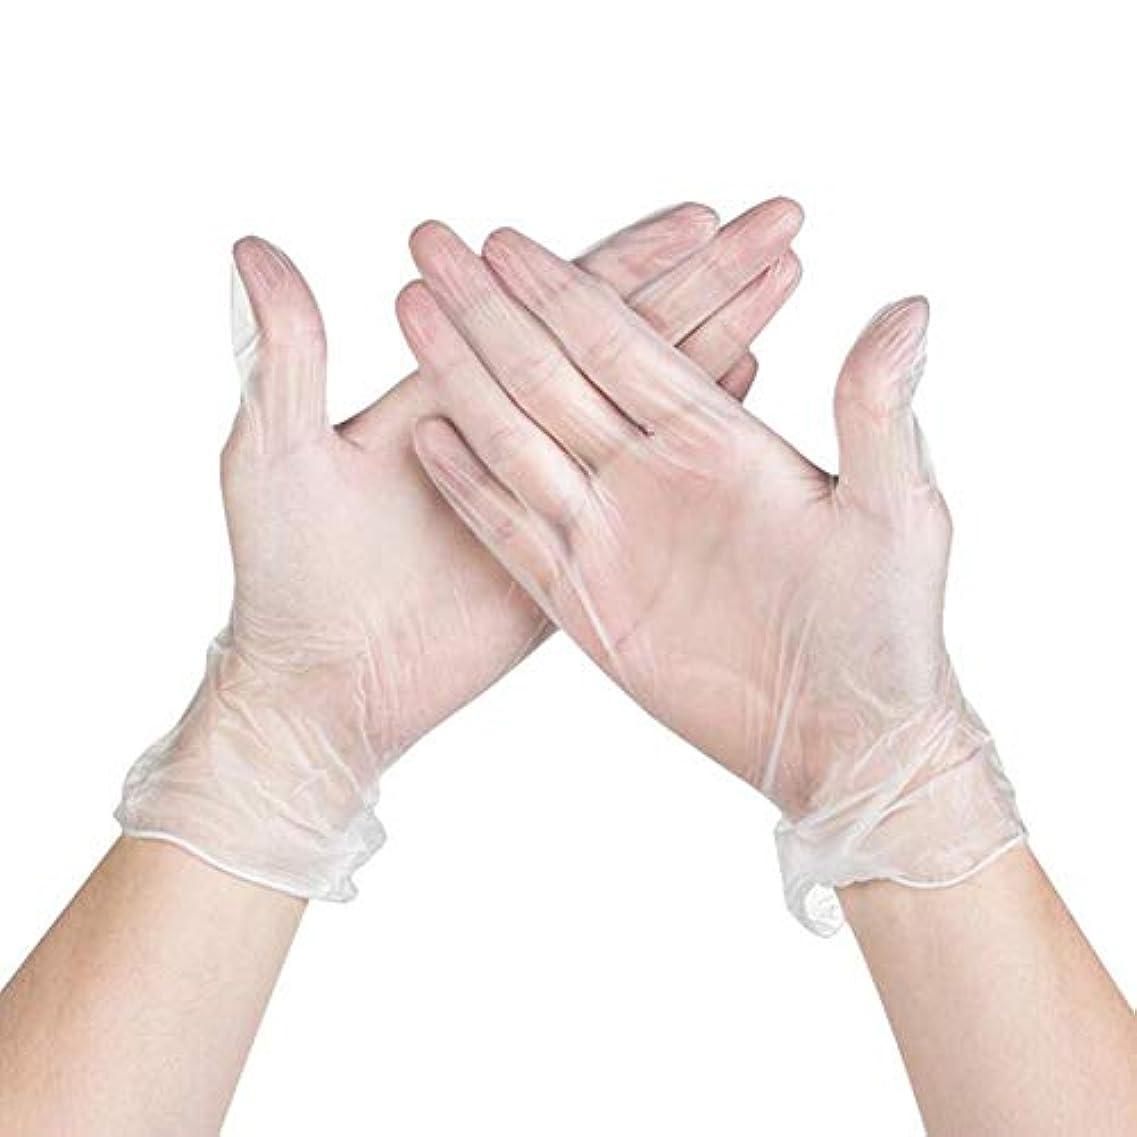 マーガレットミッチェルマークされたアーサーコナンドイルRaiFu 使い捨て手袋 パウダーフリー 防水 オイル耐性 透明 PVC手袋 100個 透明 XL